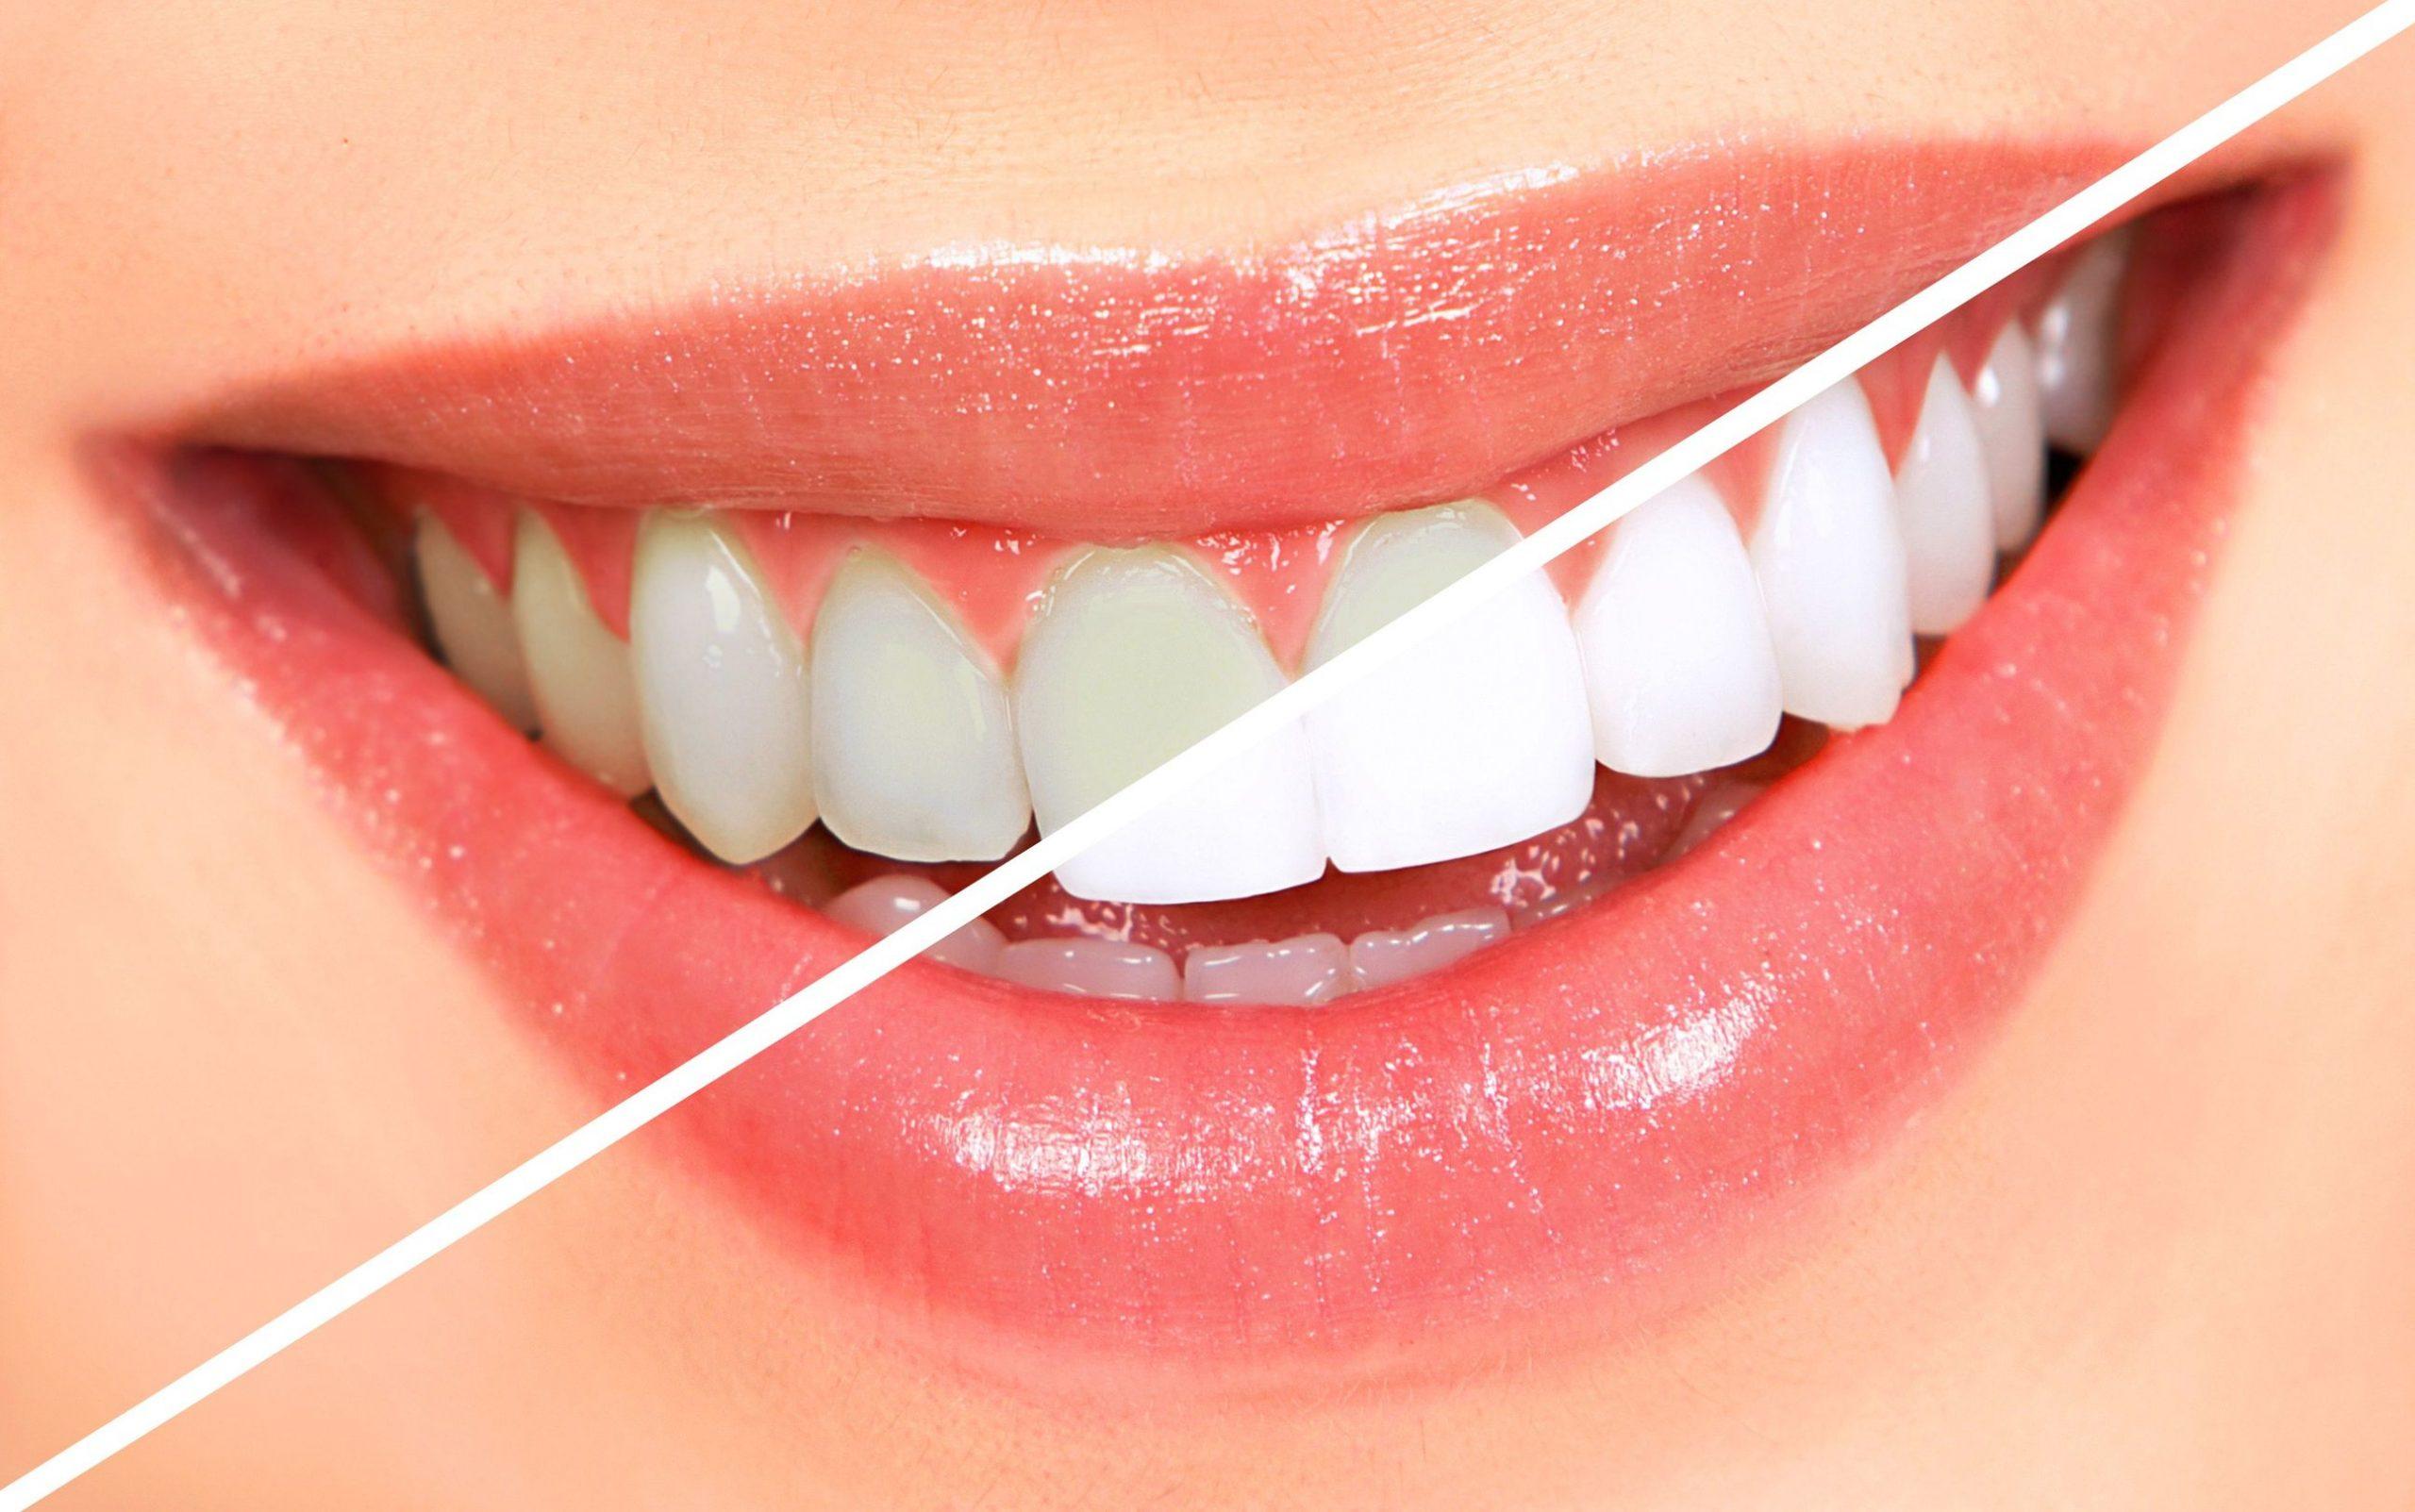 Diş beyazlatma sonrasında nelere dikkat etmeliyiz?